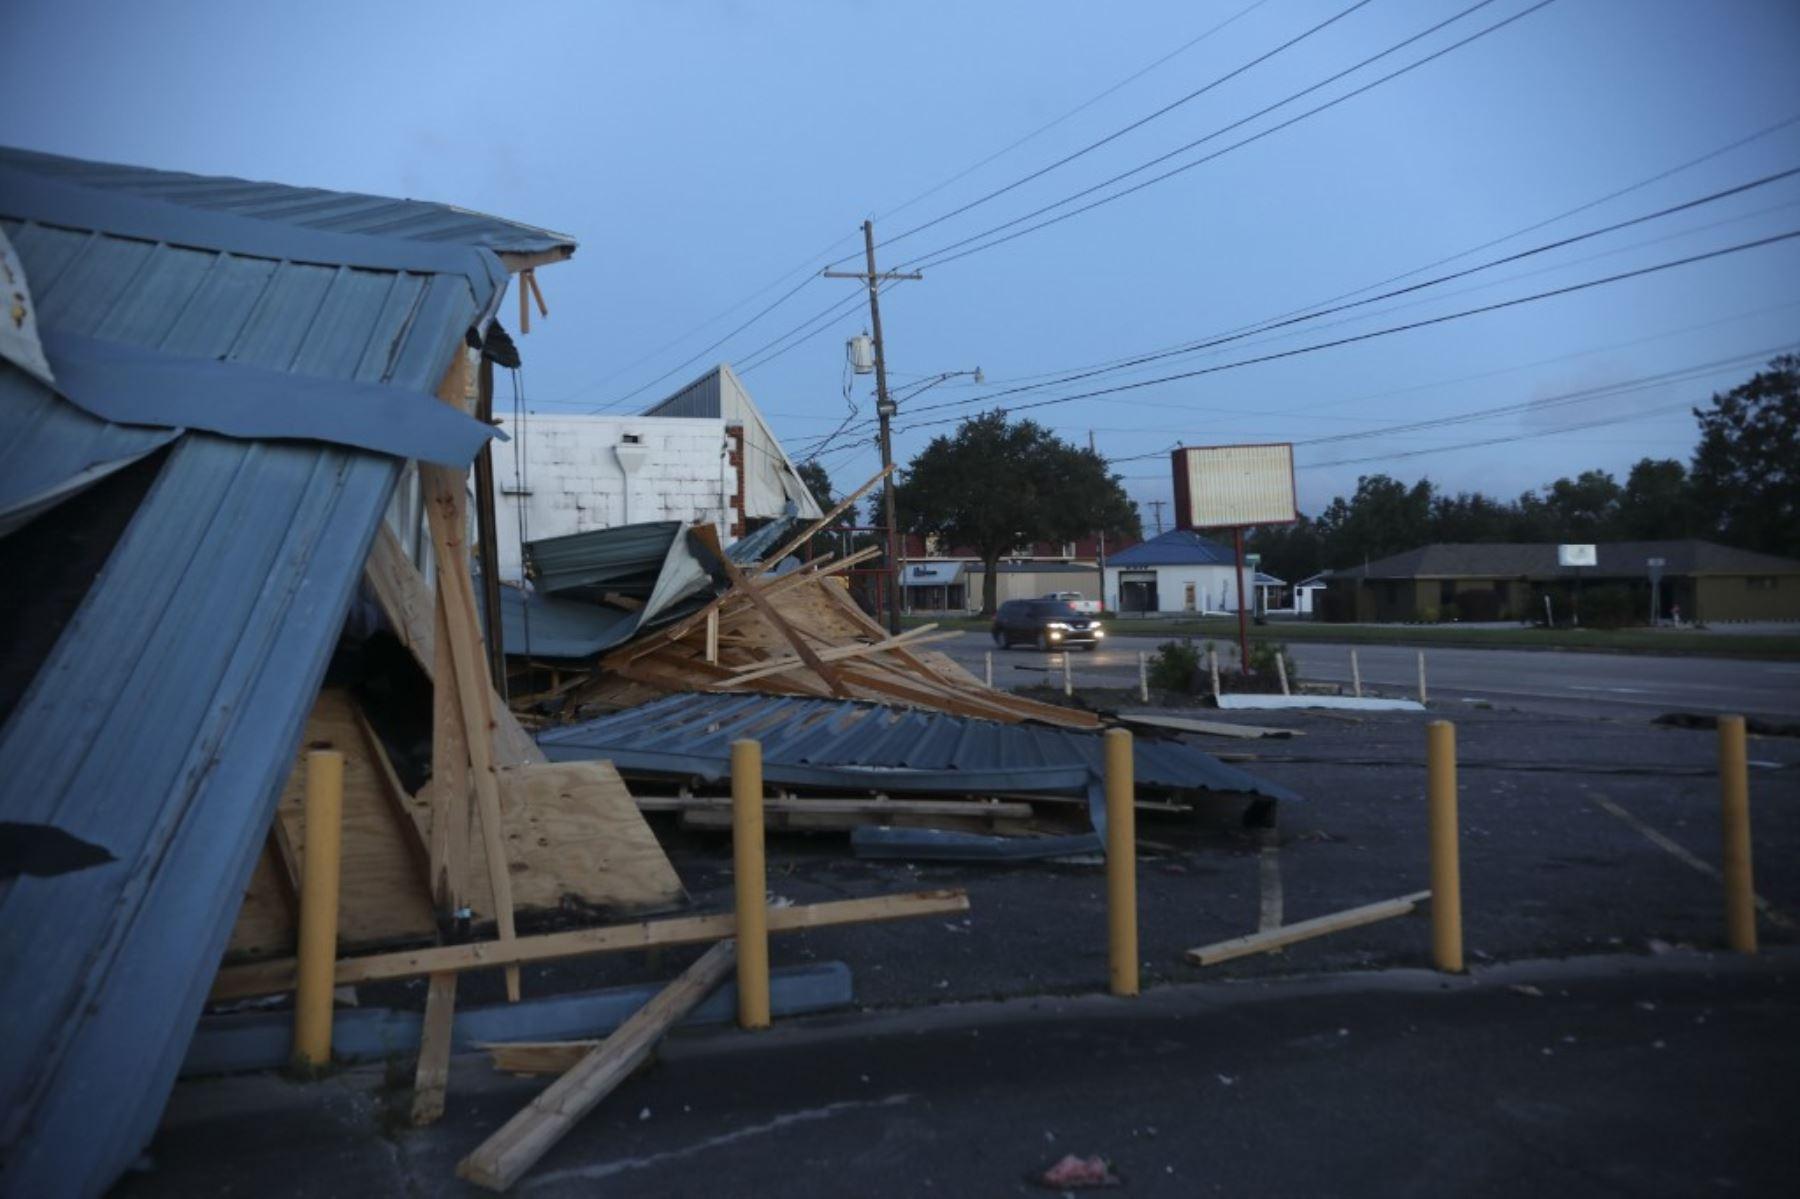 Los trabajadores limpian los escombros del huracán Zeta en la escuela secundaria St Bernard en St Bernard Luisiana.Foto:AFP